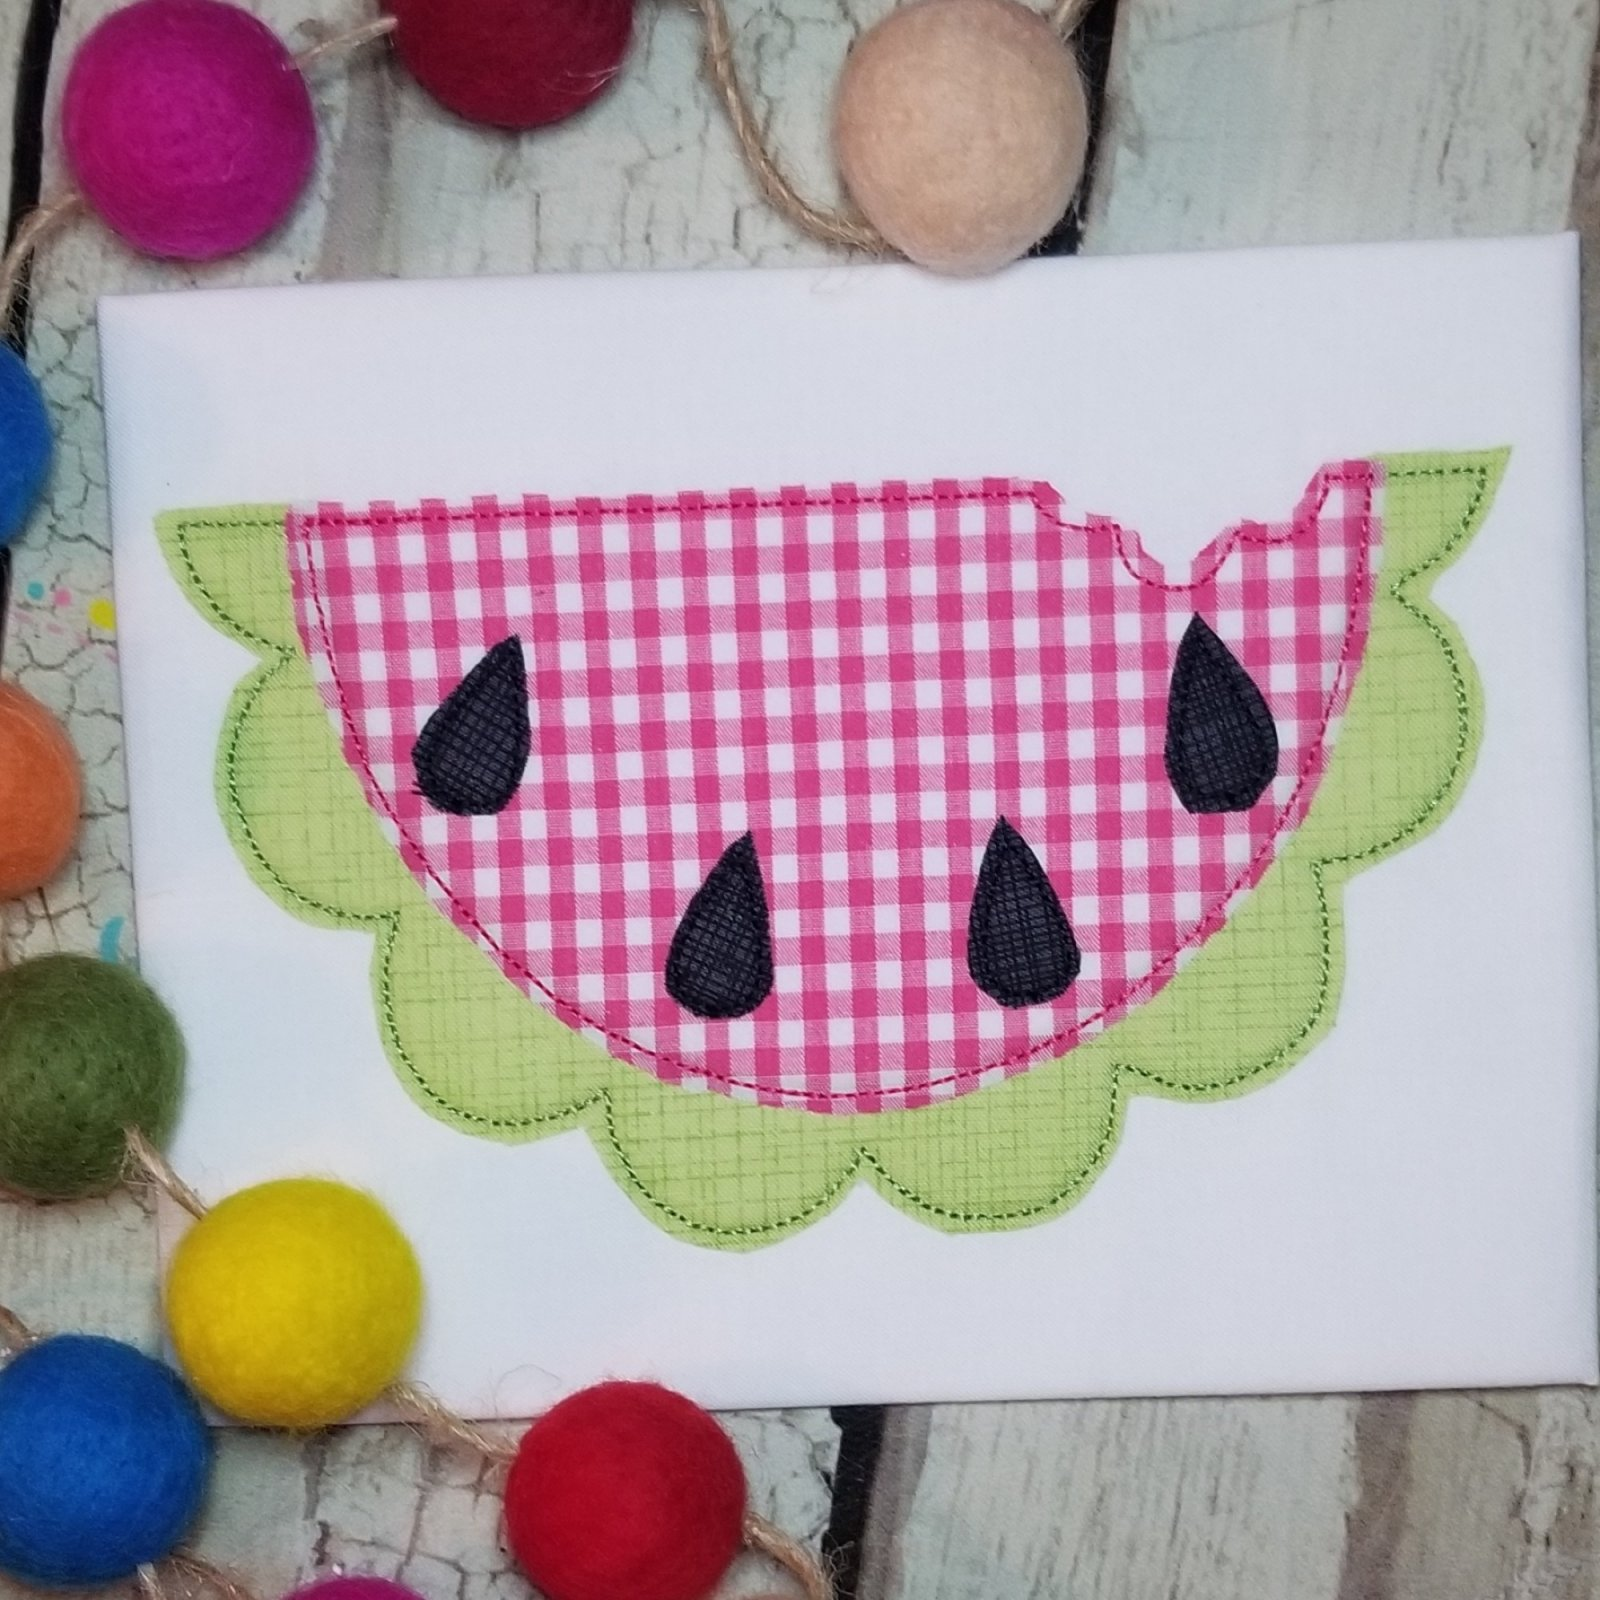 Watermelon Applique Design - Triple Stitch